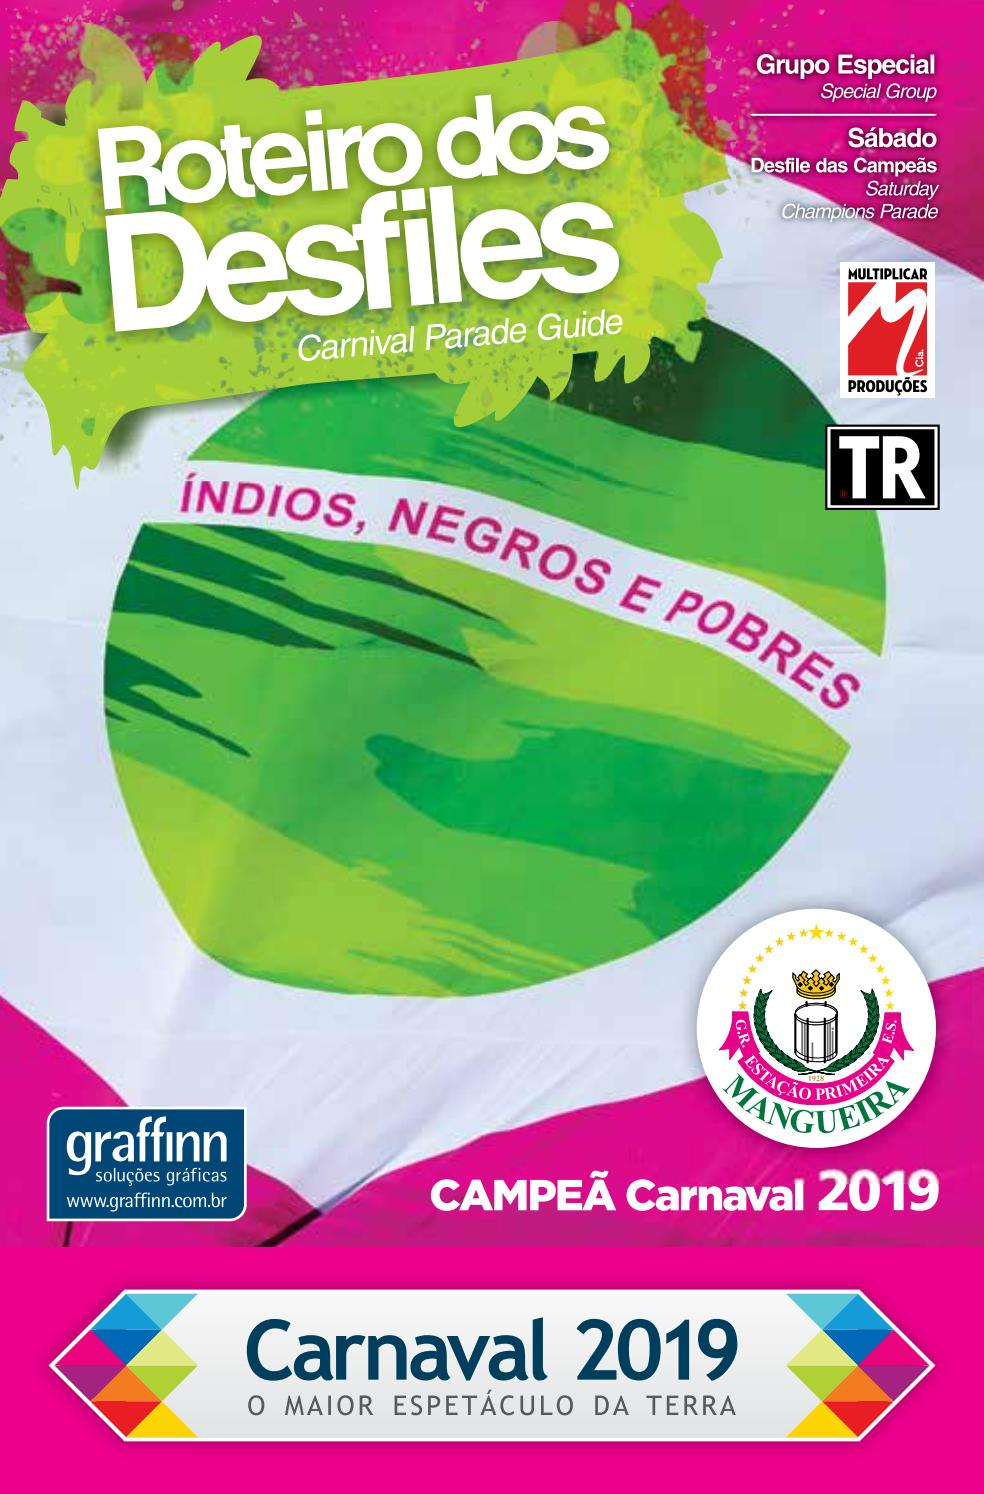 03e363bed Roteiro dos Desfiles Carnaval 2019 Campeãs by Portal Academia do Samba -  issuu